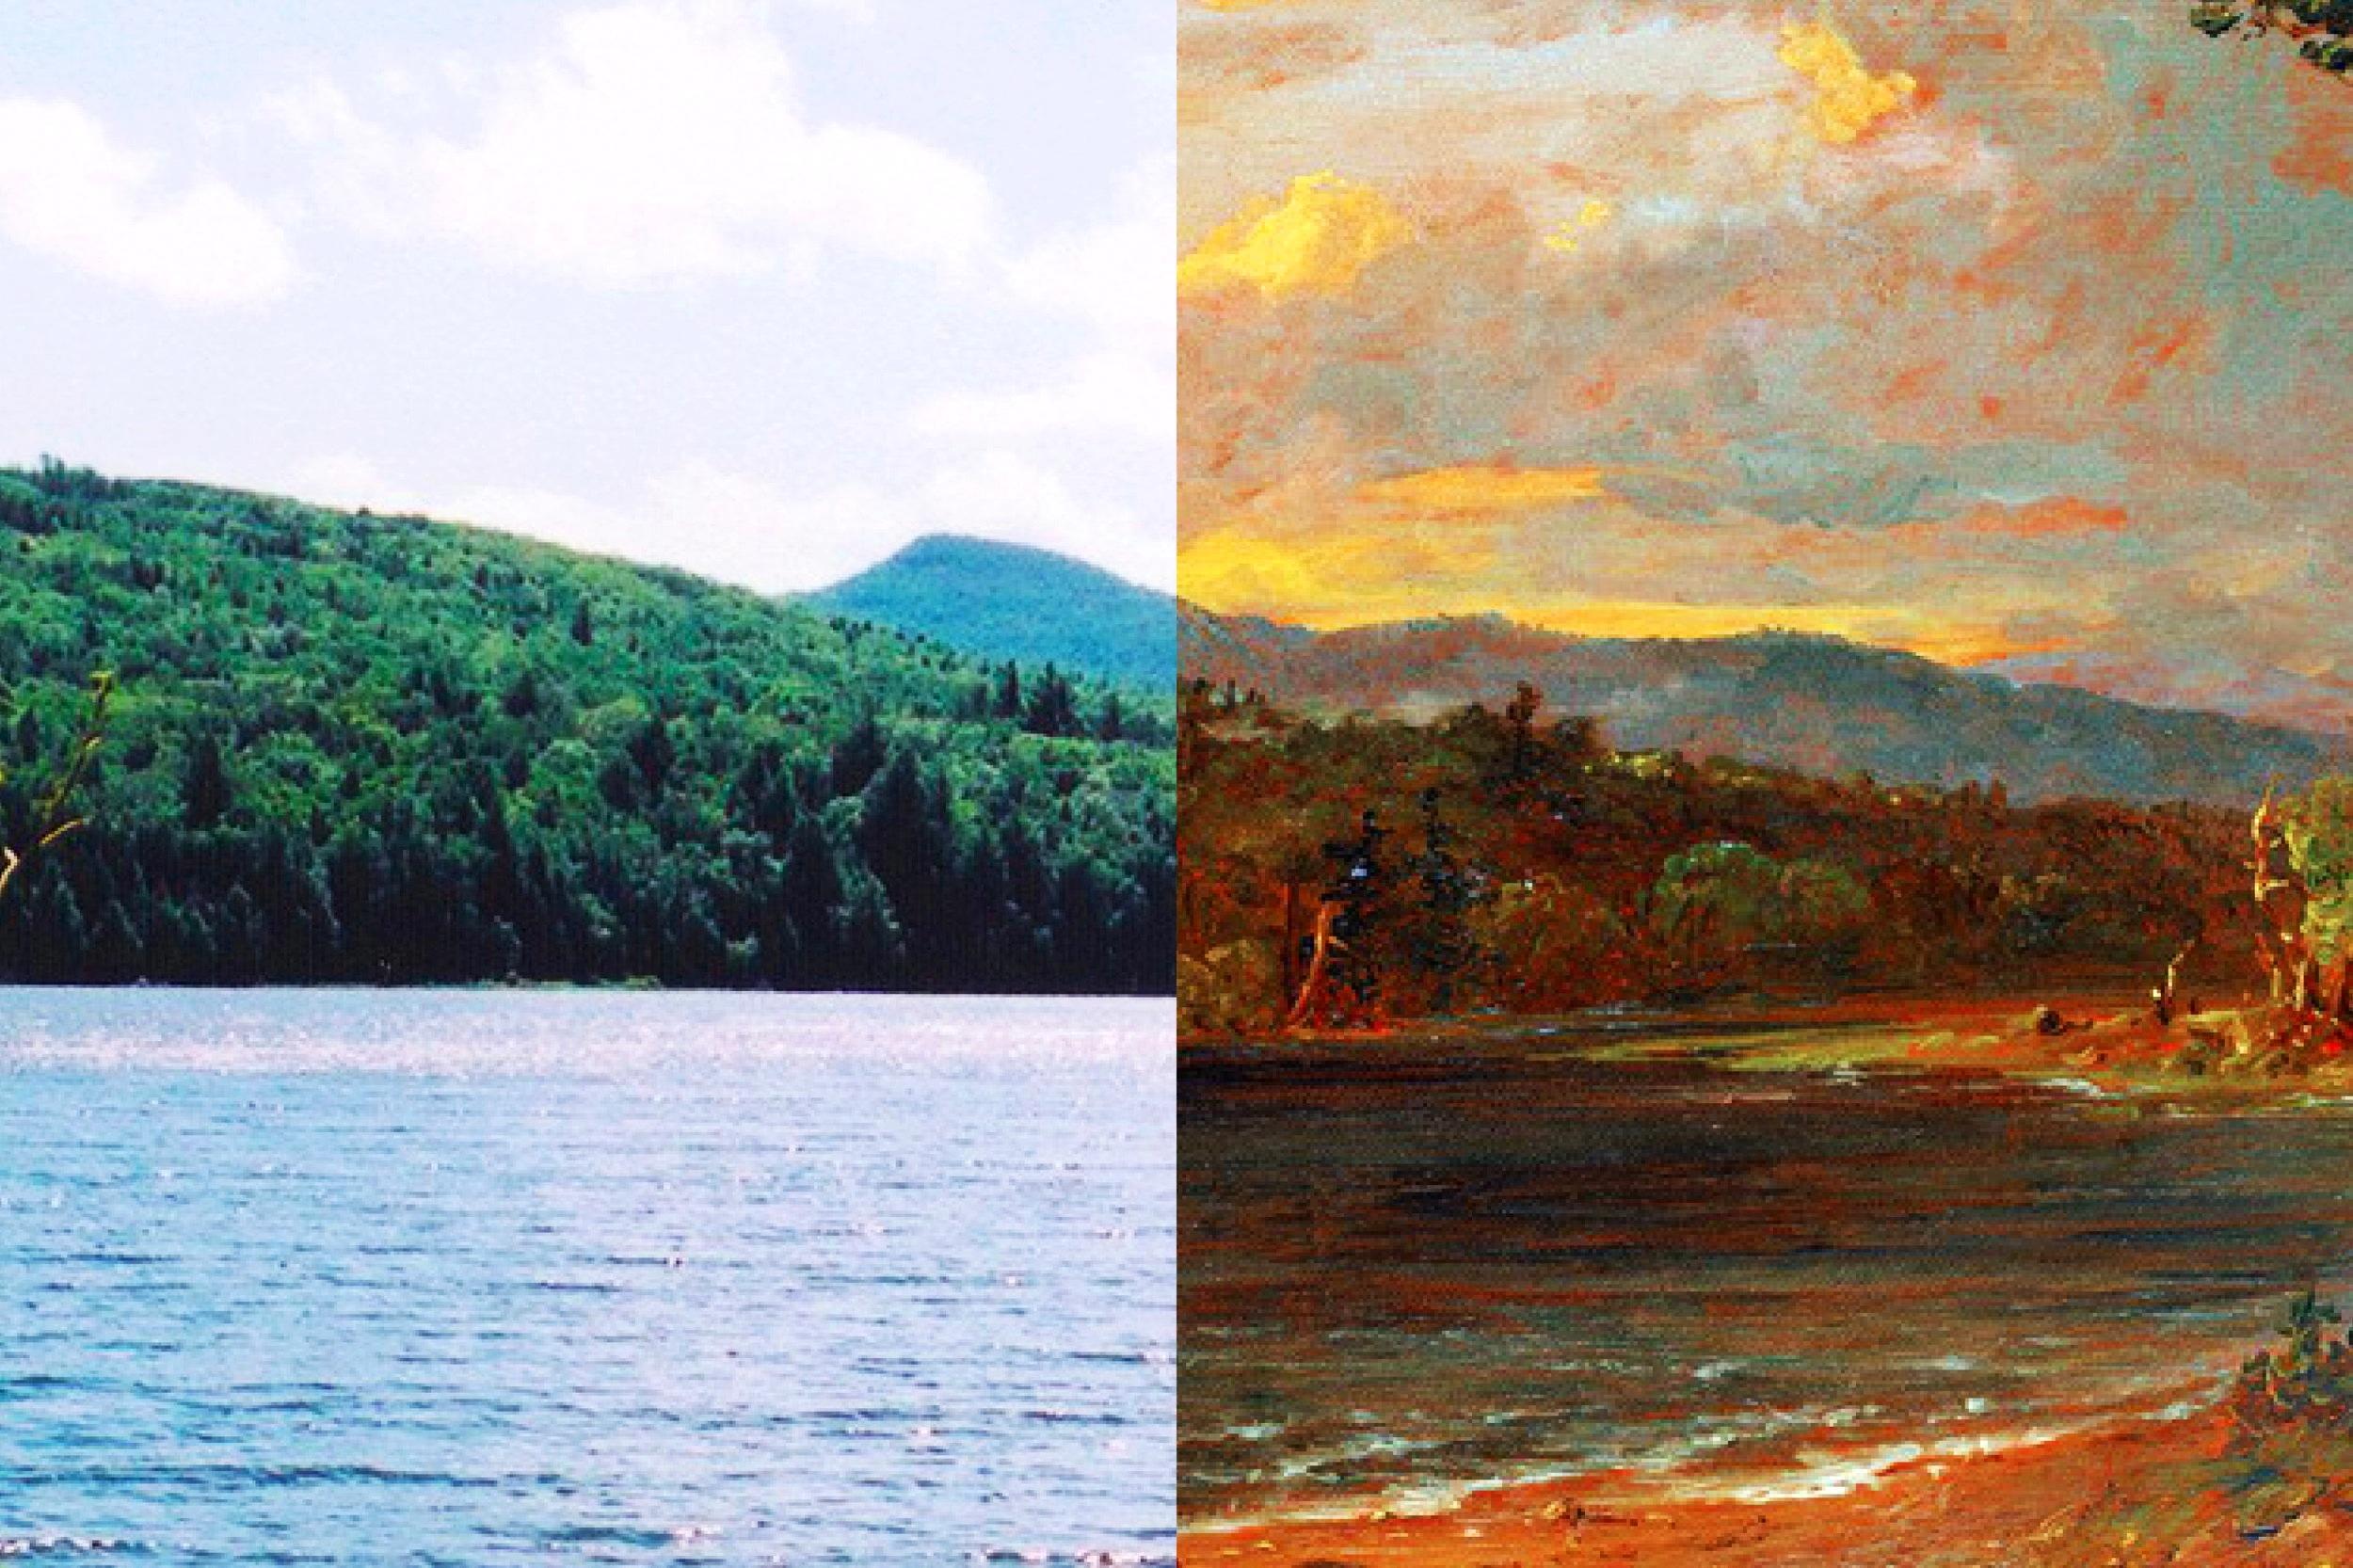 North-South Lake -